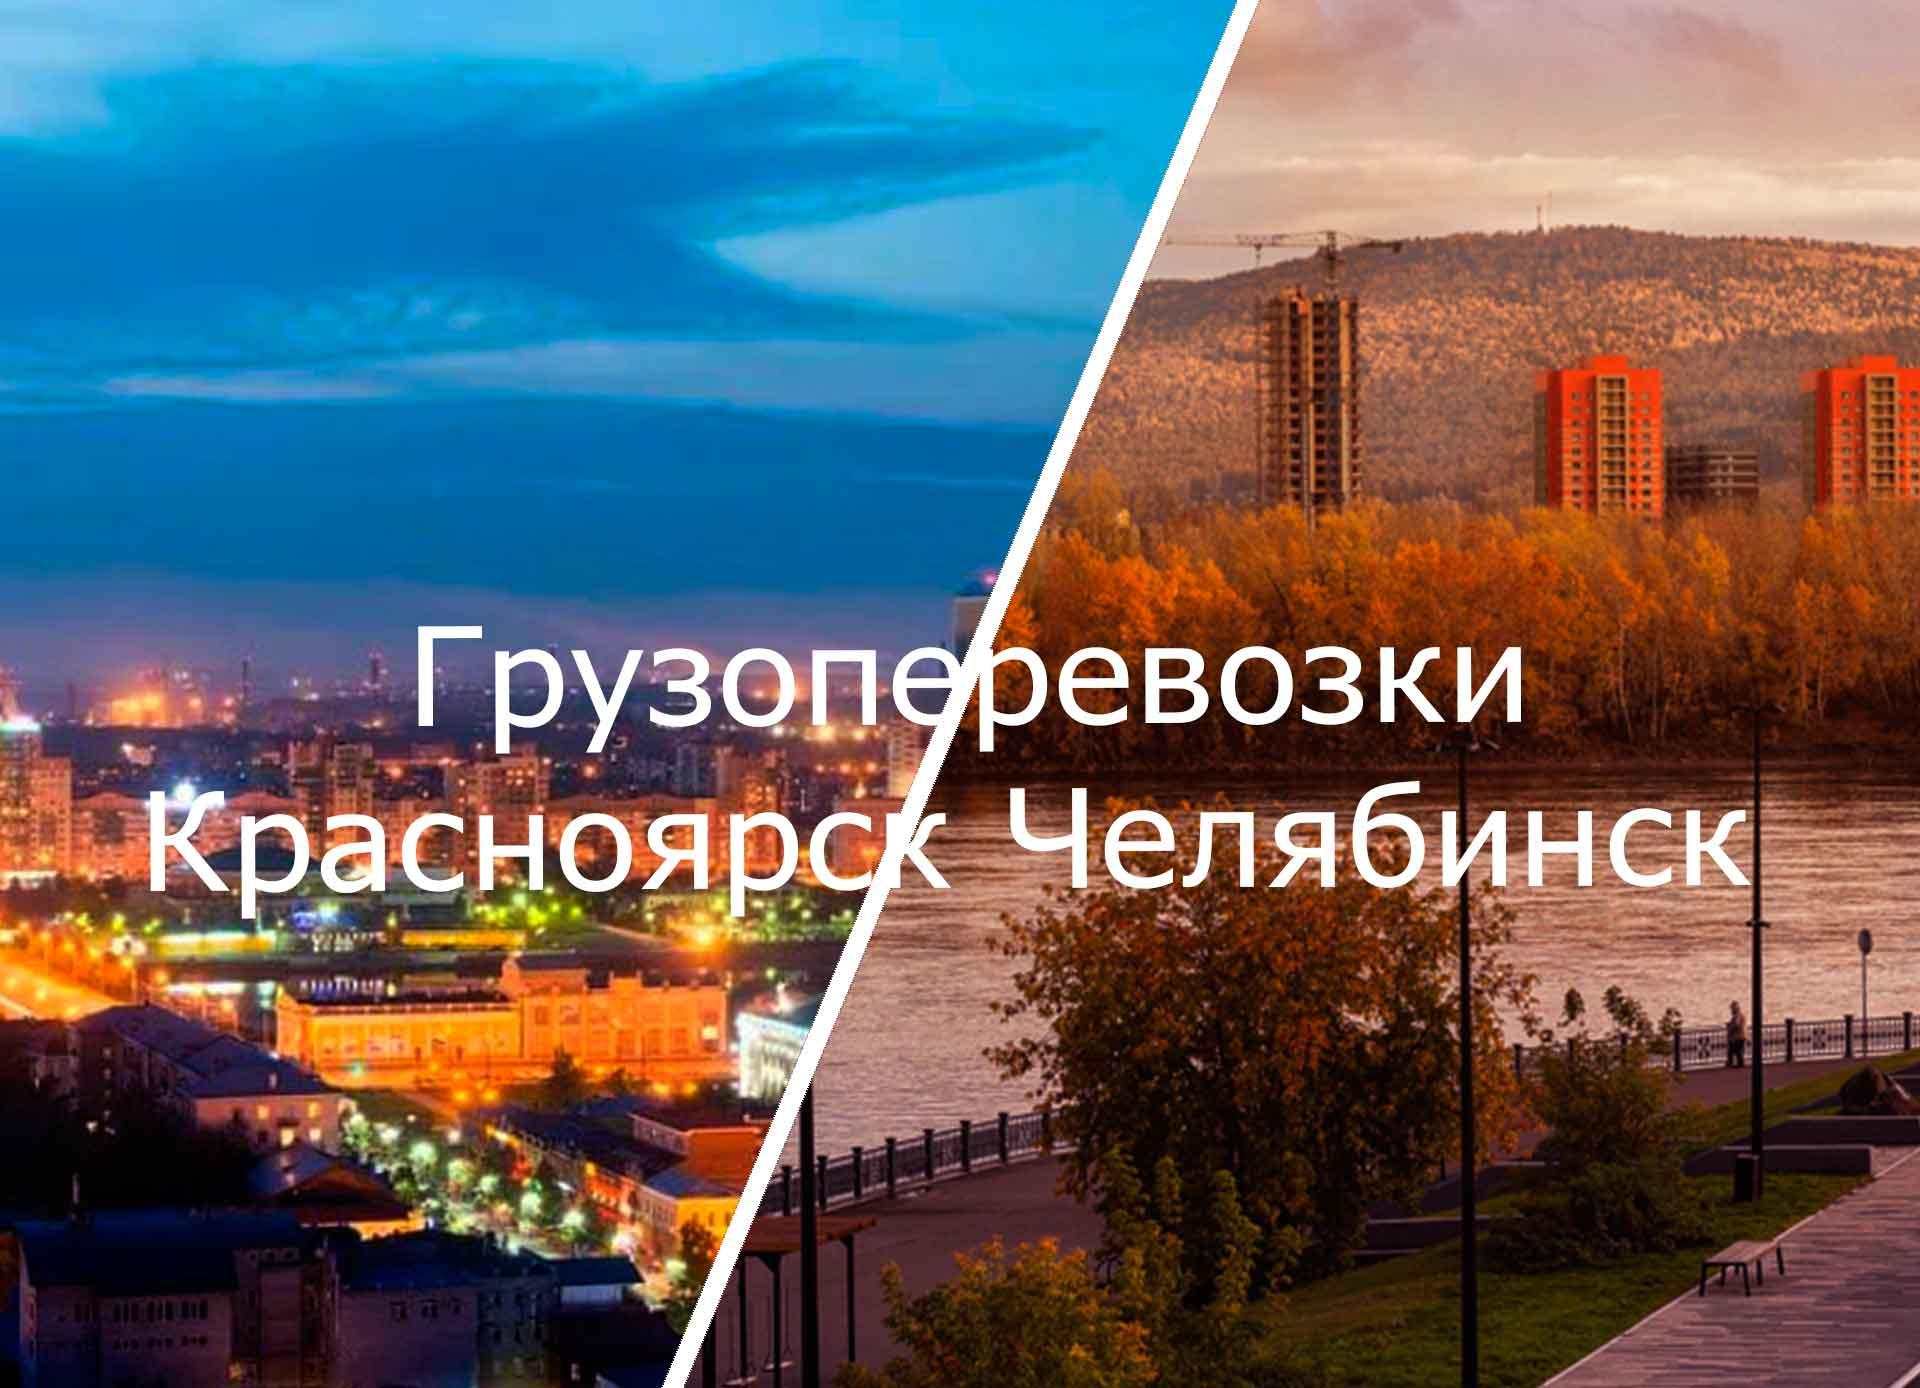 грузоперевозки красноярск челябинск